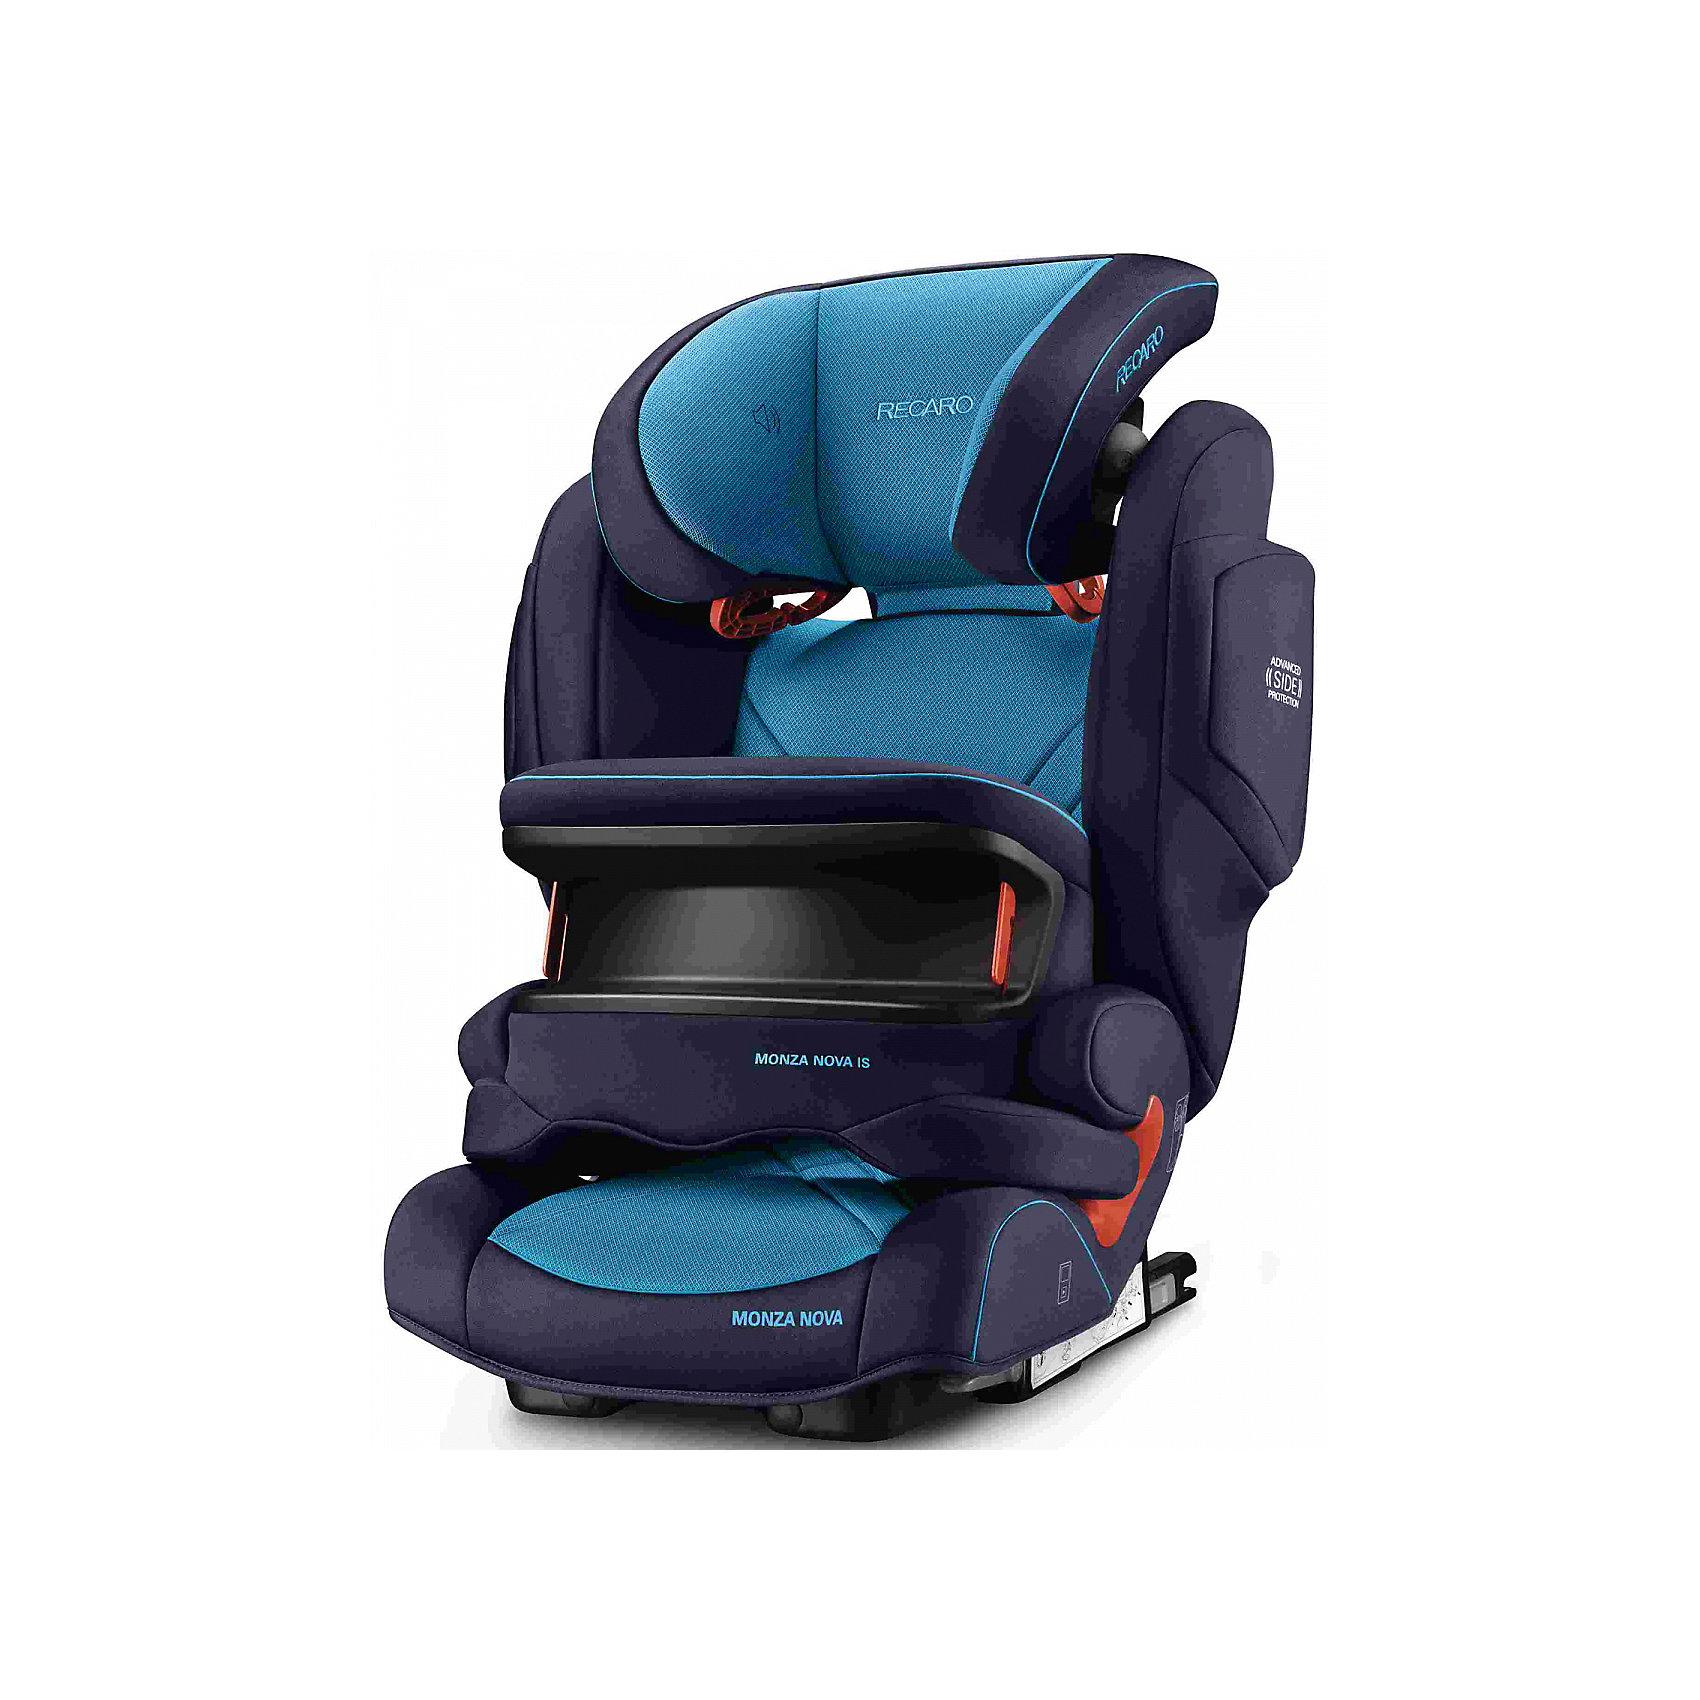 Автокресло RECARO Monza Nova IS Seatfix 9-36 кг, Xenon BlueГруппа 1-2-3 (От 9 до 36 кг)<br>Характеристики:<br><br>• группа: 1/2/3;<br>• вес ребенка: 9-36 кг;<br>• возраст ребенка: от 9 месяцев до 12 лет;<br>• способ крепления: IsoFix или штатными ремнями безопасности автомобиля;<br>• способ установки: лицом по ходу движения автомобиля;<br>• регулируется высота подголовника: 11 положений;<br>• имеется ростомер;<br>• регулируется глубина подголовника;<br>• перед ребенком находится специальный жесткий столик, который обеспечивает максимальную защиту ребенка от ударов при столкновении и резком торможении;<br>• угол наклона спинки подгоняется под угол сиденья автомобиля, слегка откидывается назад;<br>• имеются подлокотники, высота не меняется;<br>• сетчатый кармашек на боковой стороне автокресла;<br>• под сиденьем автокресла имеются пластиковые опорные элементы;<br>• в боковинках автокресла находятся встроенные динамики;<br>• усиленная боковая защита, 12 см;<br>• материал: пластик, полиэстер;<br>• размеры автокресла: 48х55х74 см;<br>• вес: 8 кг.<br><br>Автокресло Monza Nova IS Seatfix будет сопровождать вас и вашего кроху вплоть до достижения ребенком возраста 12 лет. Автокресло укомплектовано дополнительными аксессуарами для наибольшей безопасности ребенка на каждом этапе его взросления. Когда вес малыша находится в пределах 9-18 кг, эргономичный защитный столик вместе с 3-х точечным ремнем безопасности автомобиля обеспечивают максимальную безопасность. Автокресло обязательно используется со столиком, пока кроха не достигнет определенного роста и веса (95 см/18 кг).<br><br>Автокресло устанавливается на заднем сидении автомобиля с помощью системы Изофикс. Выдвижные крепления кресла совмещаются с системой Изофикс в автомобиле.<br>Обивка автокресла выполнена из дышащего материала, который не впитывает посторонние запахи. Автокресло оснащено вентиляционными отверстиями для циркуляции воздуха и регуляции теплообмена. Чехлы автокресла съемные, допускается стирка при температу